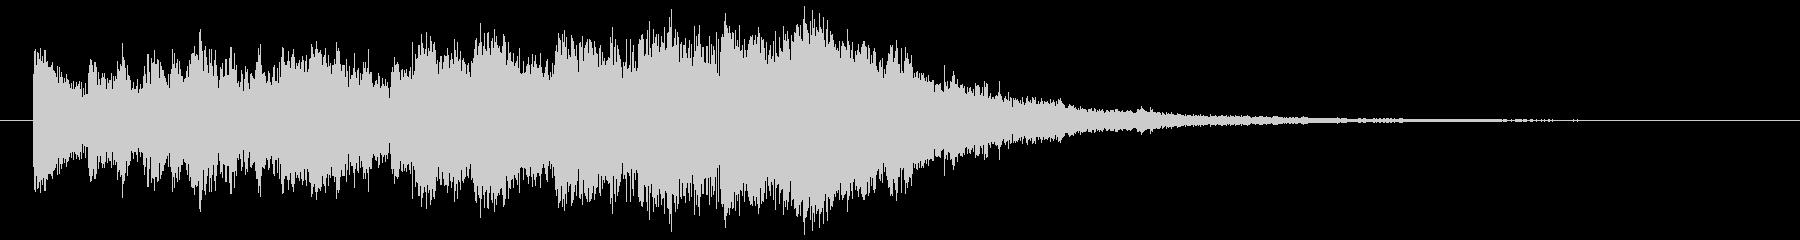 インスピレーショナルなロゴ・ジングルの未再生の波形